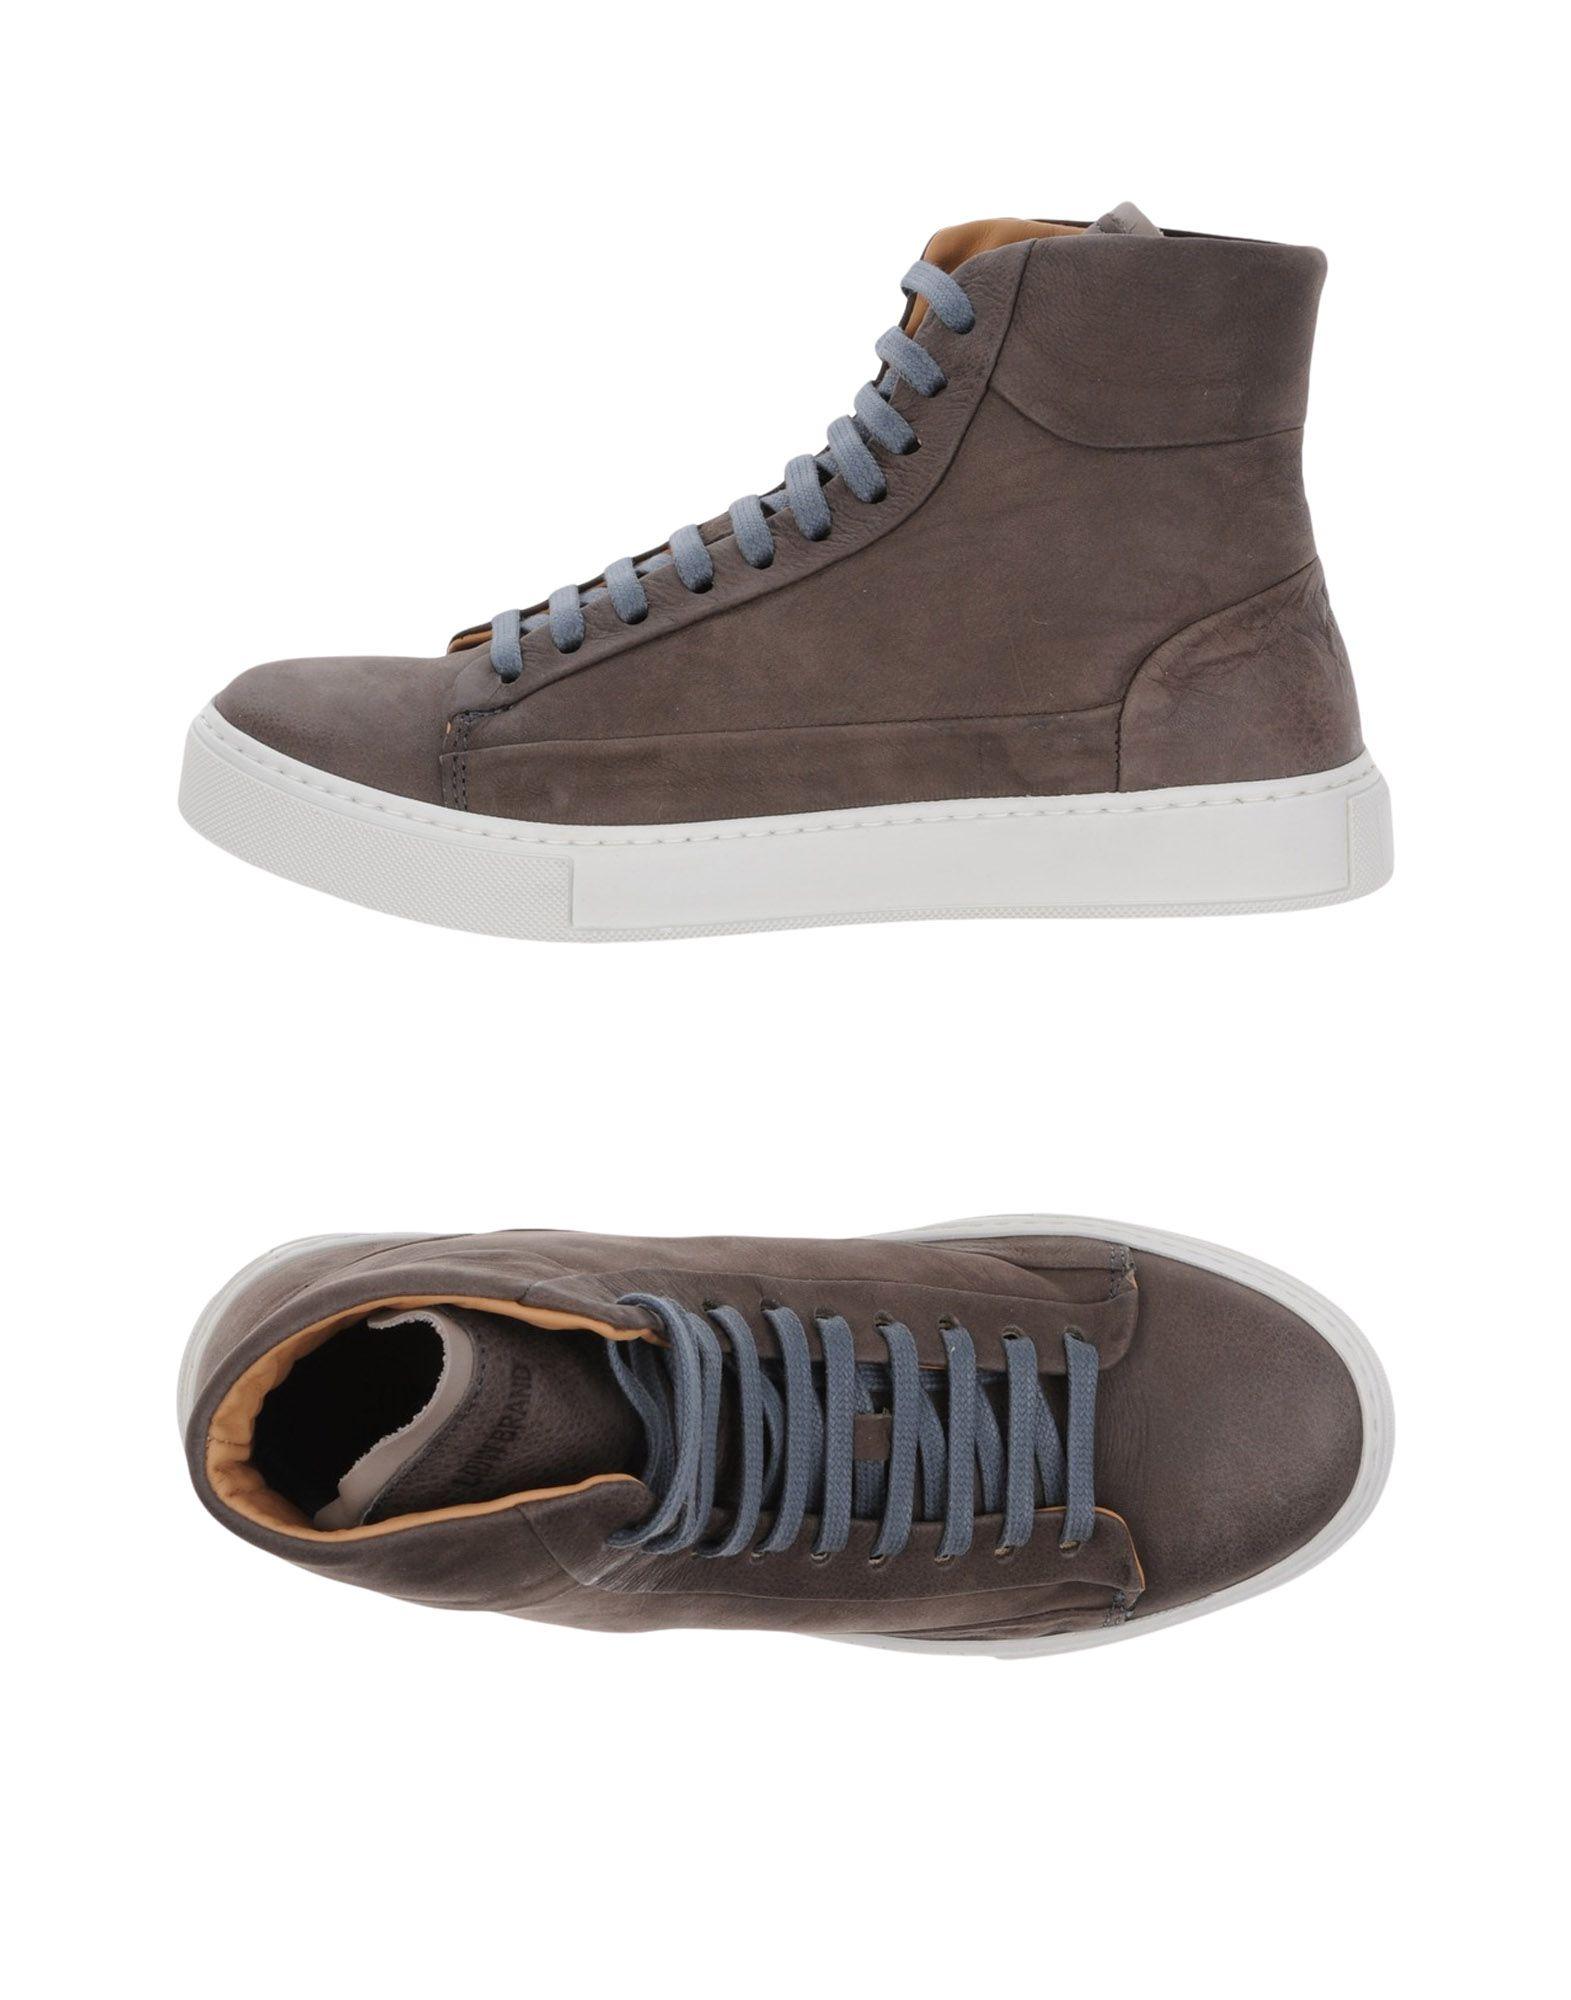 Rabatt echte Schuhe Low Brand Sneakers Herren  11286426VL